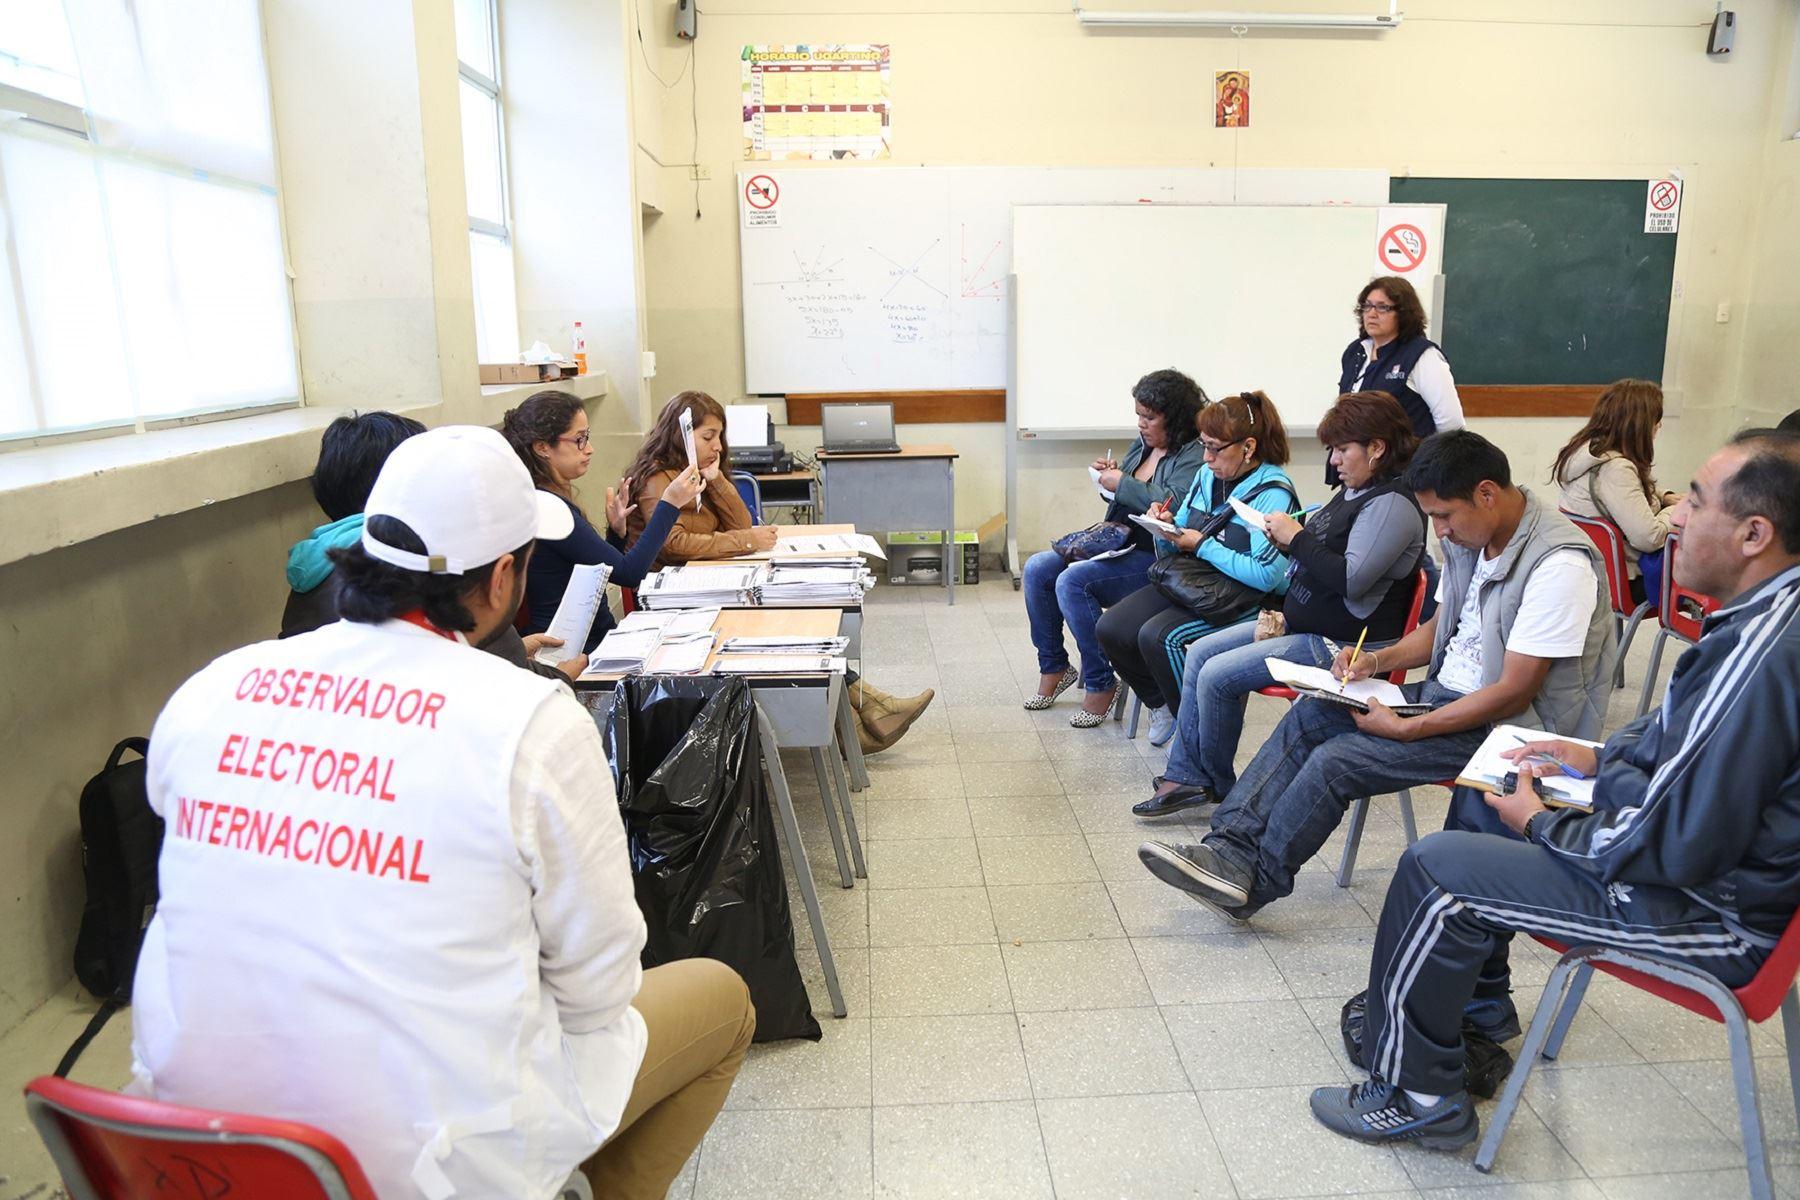 Observadores internacionales. Foto: Difusión.